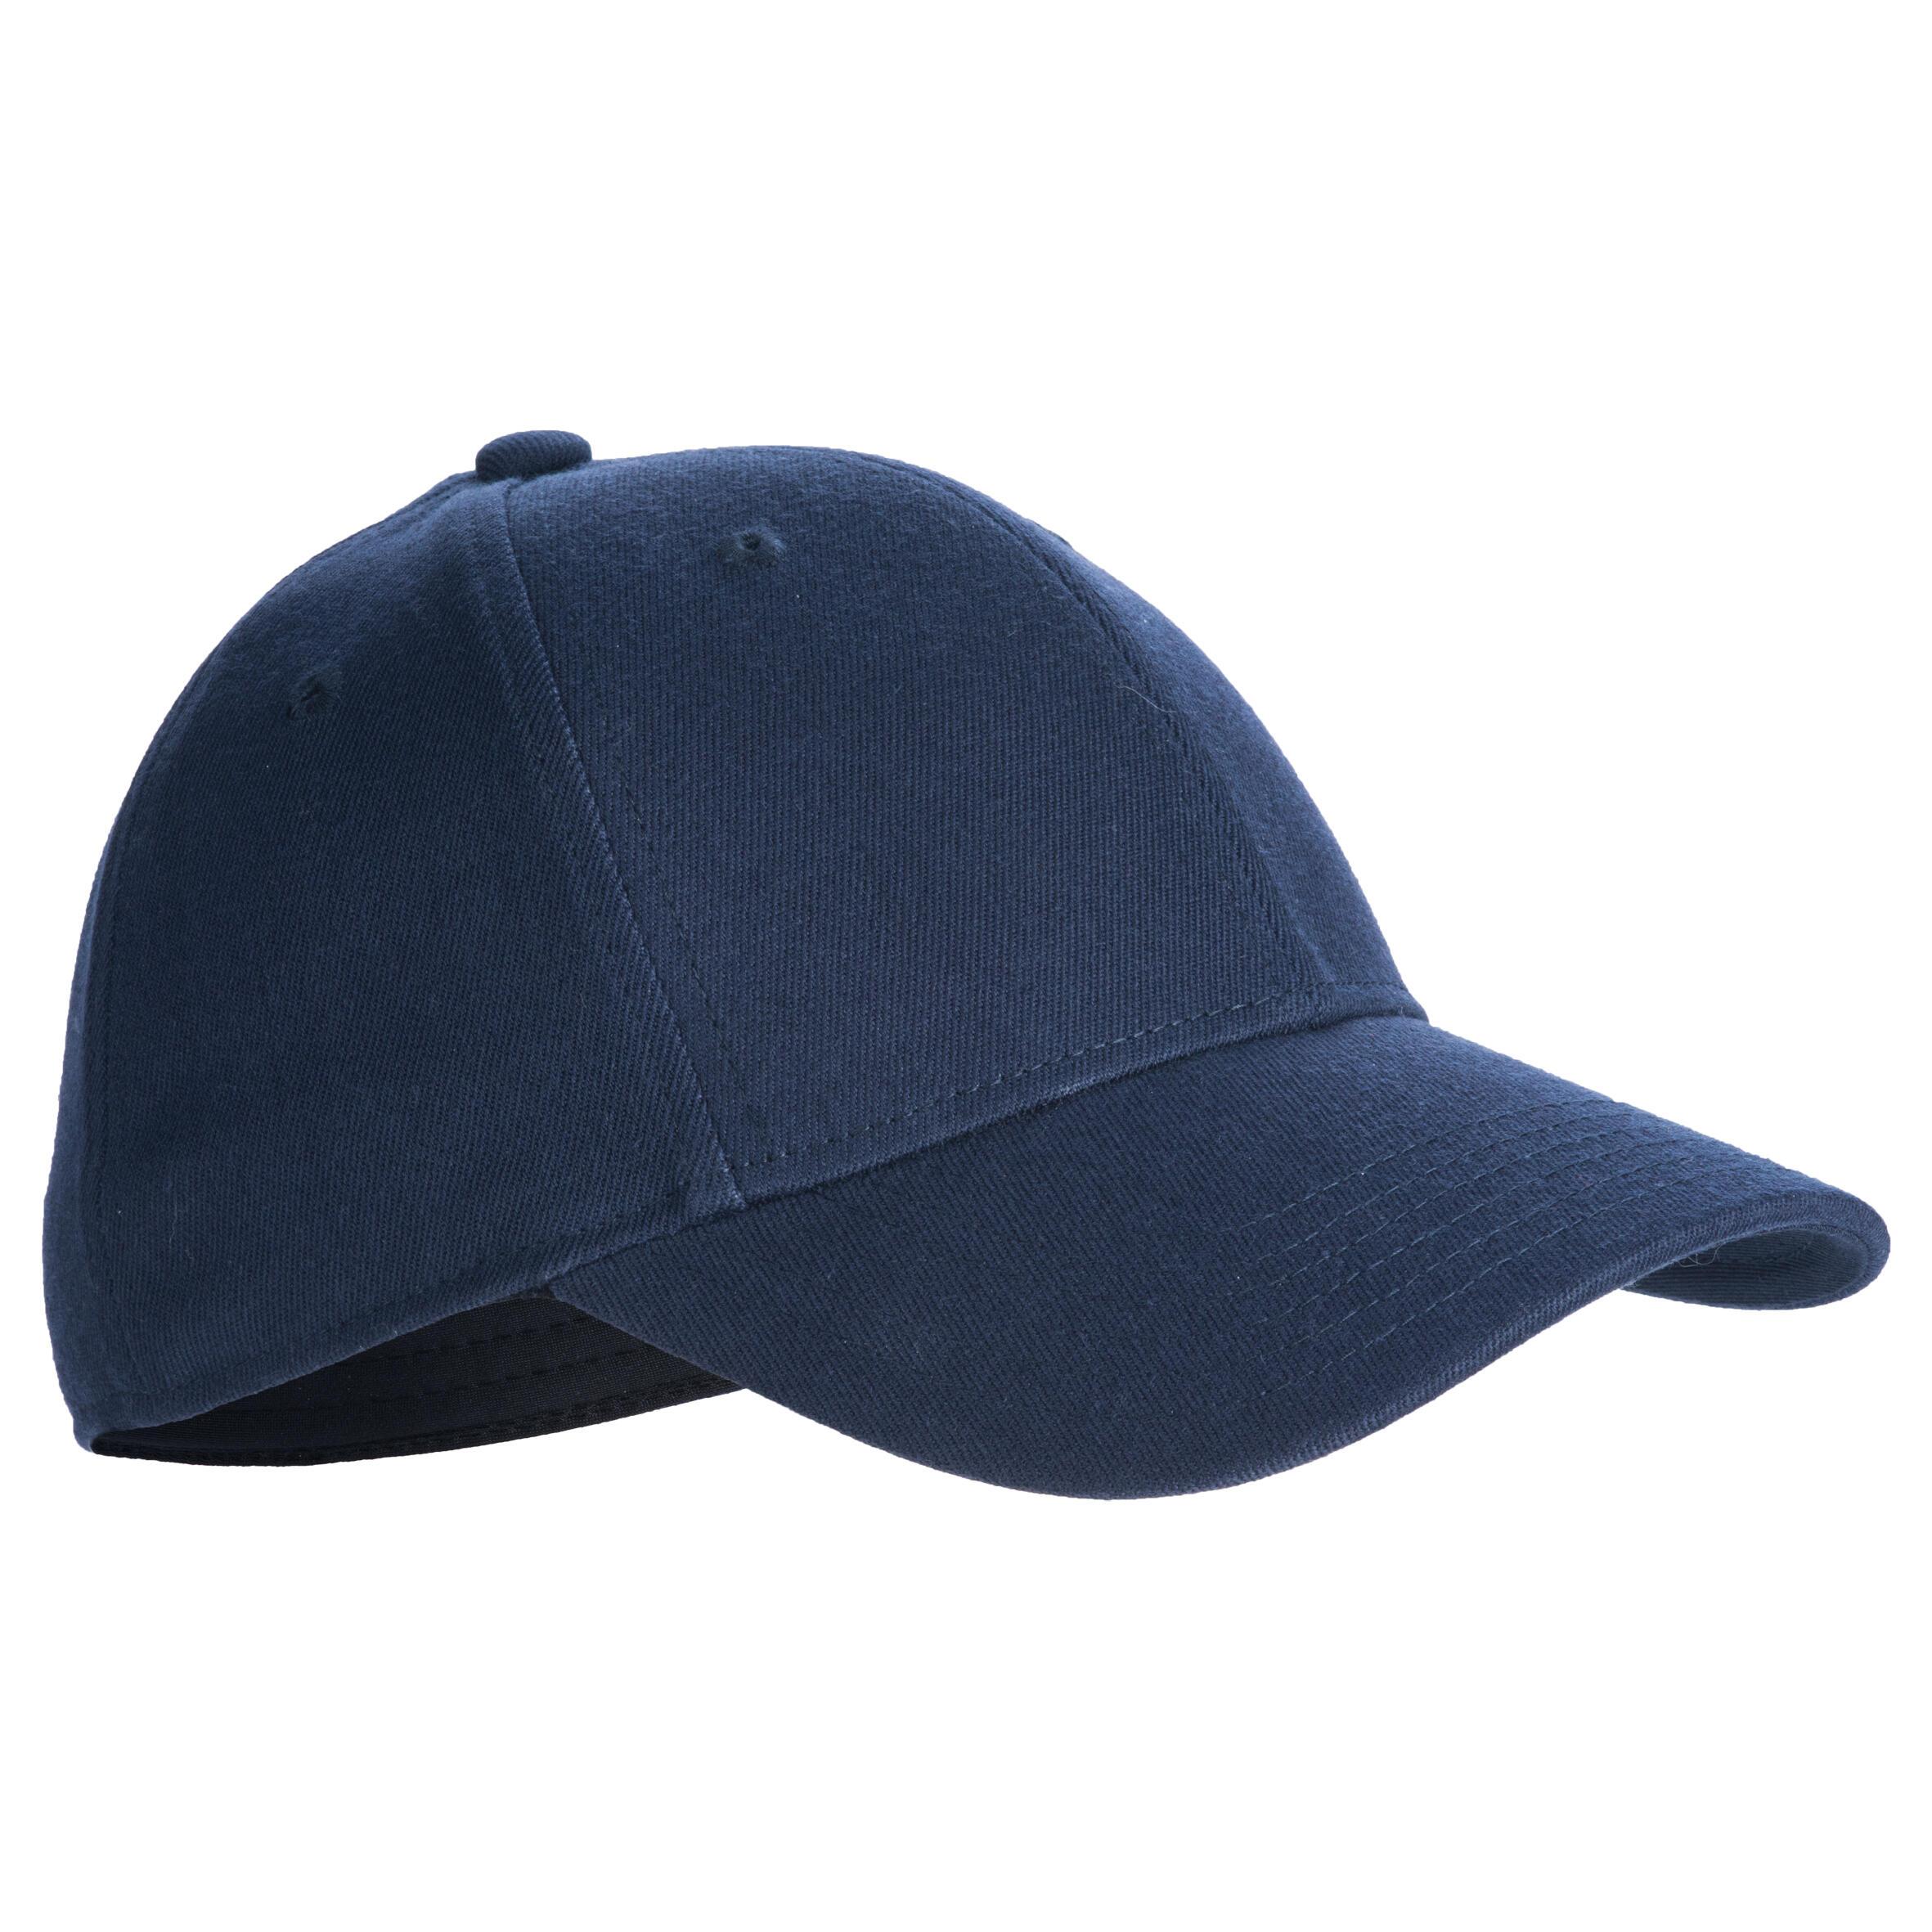 Casquette baseball ba550 bleue kipsta